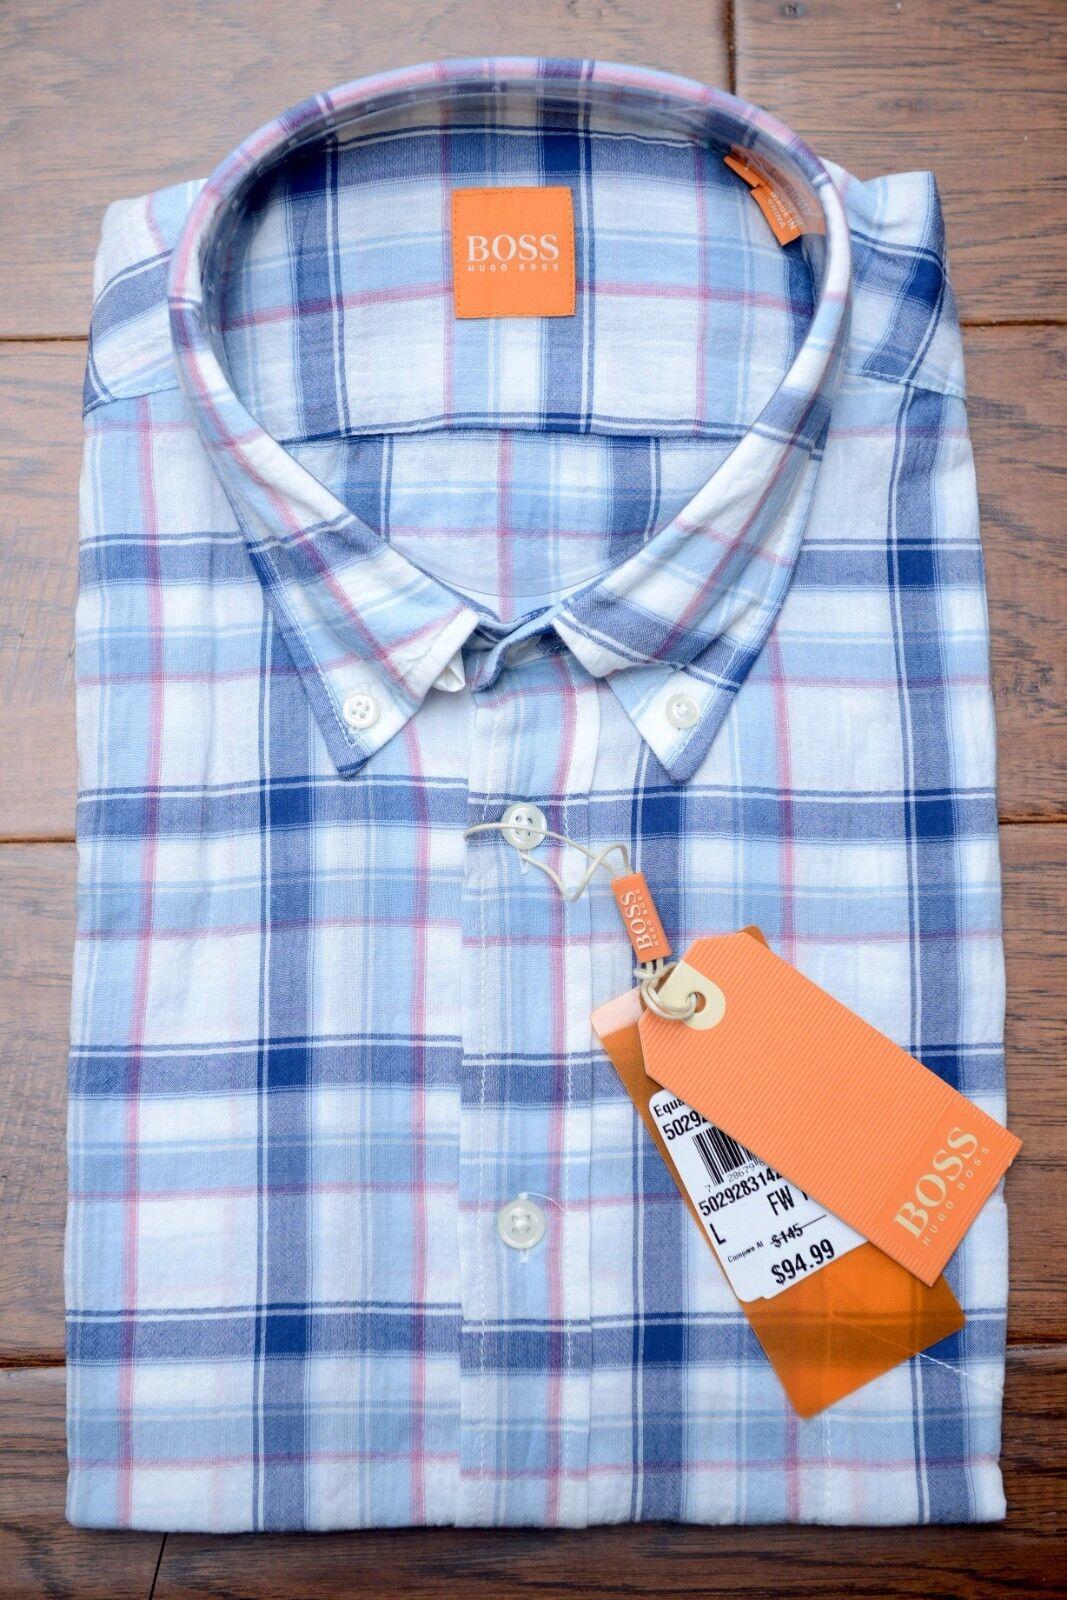 Hugo Boss Men's EquatorE bluee Plaids Lightweight Cotton Casual Shirt NEW L